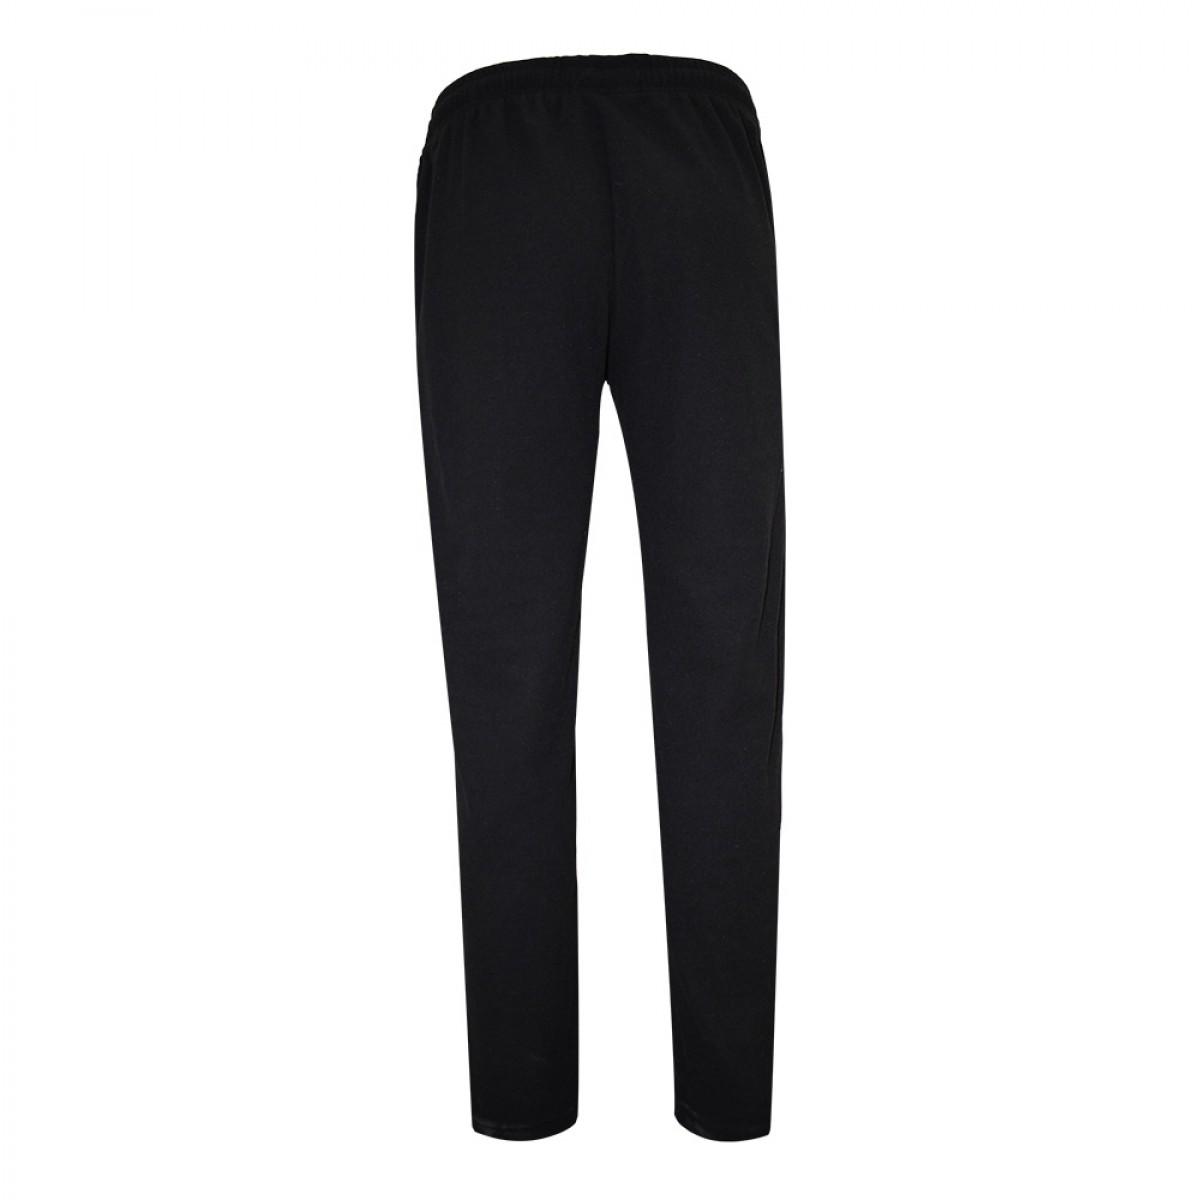 men-fleece-trouser-kft05777-8a